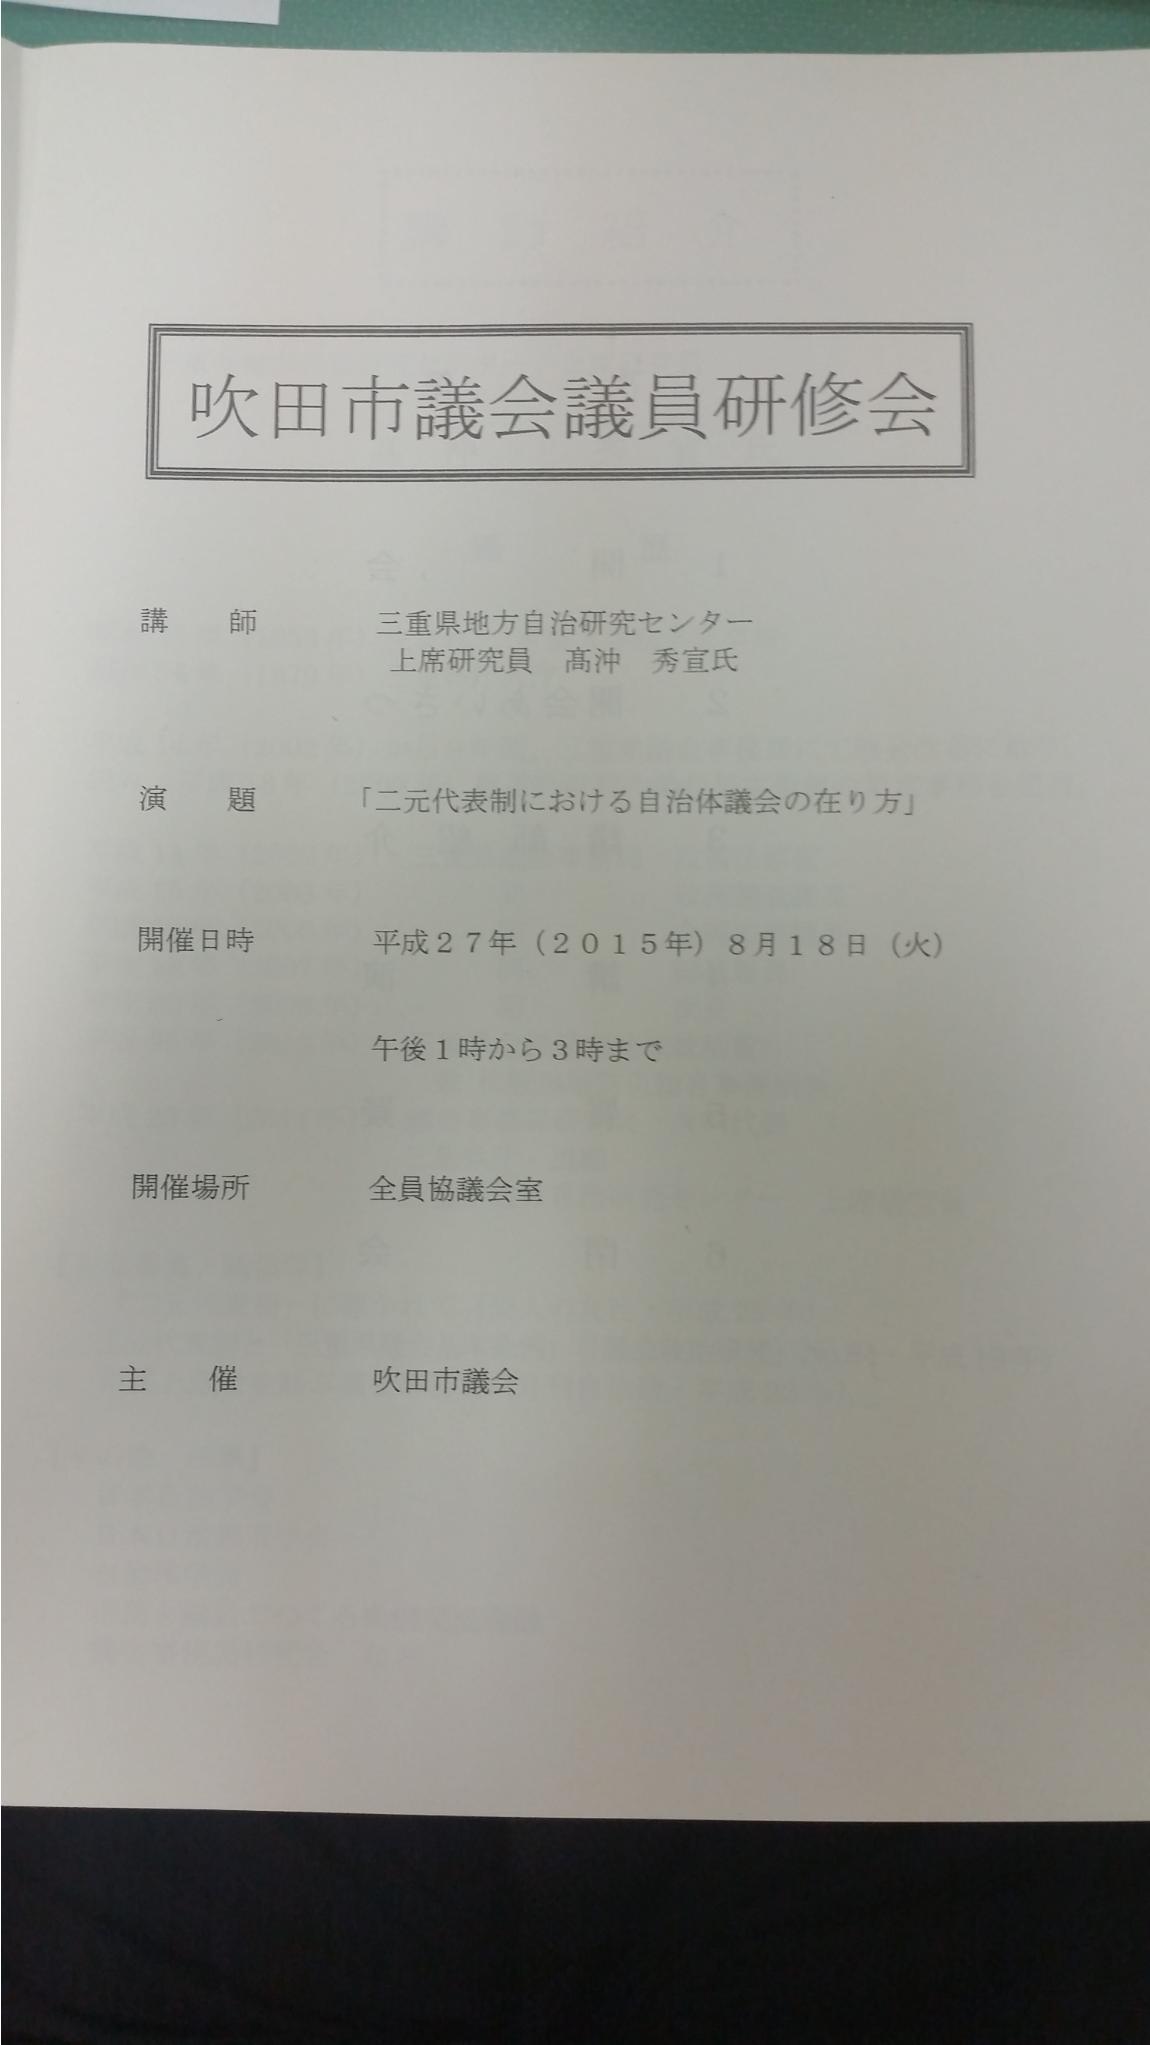 H27.8.18 議員研修会